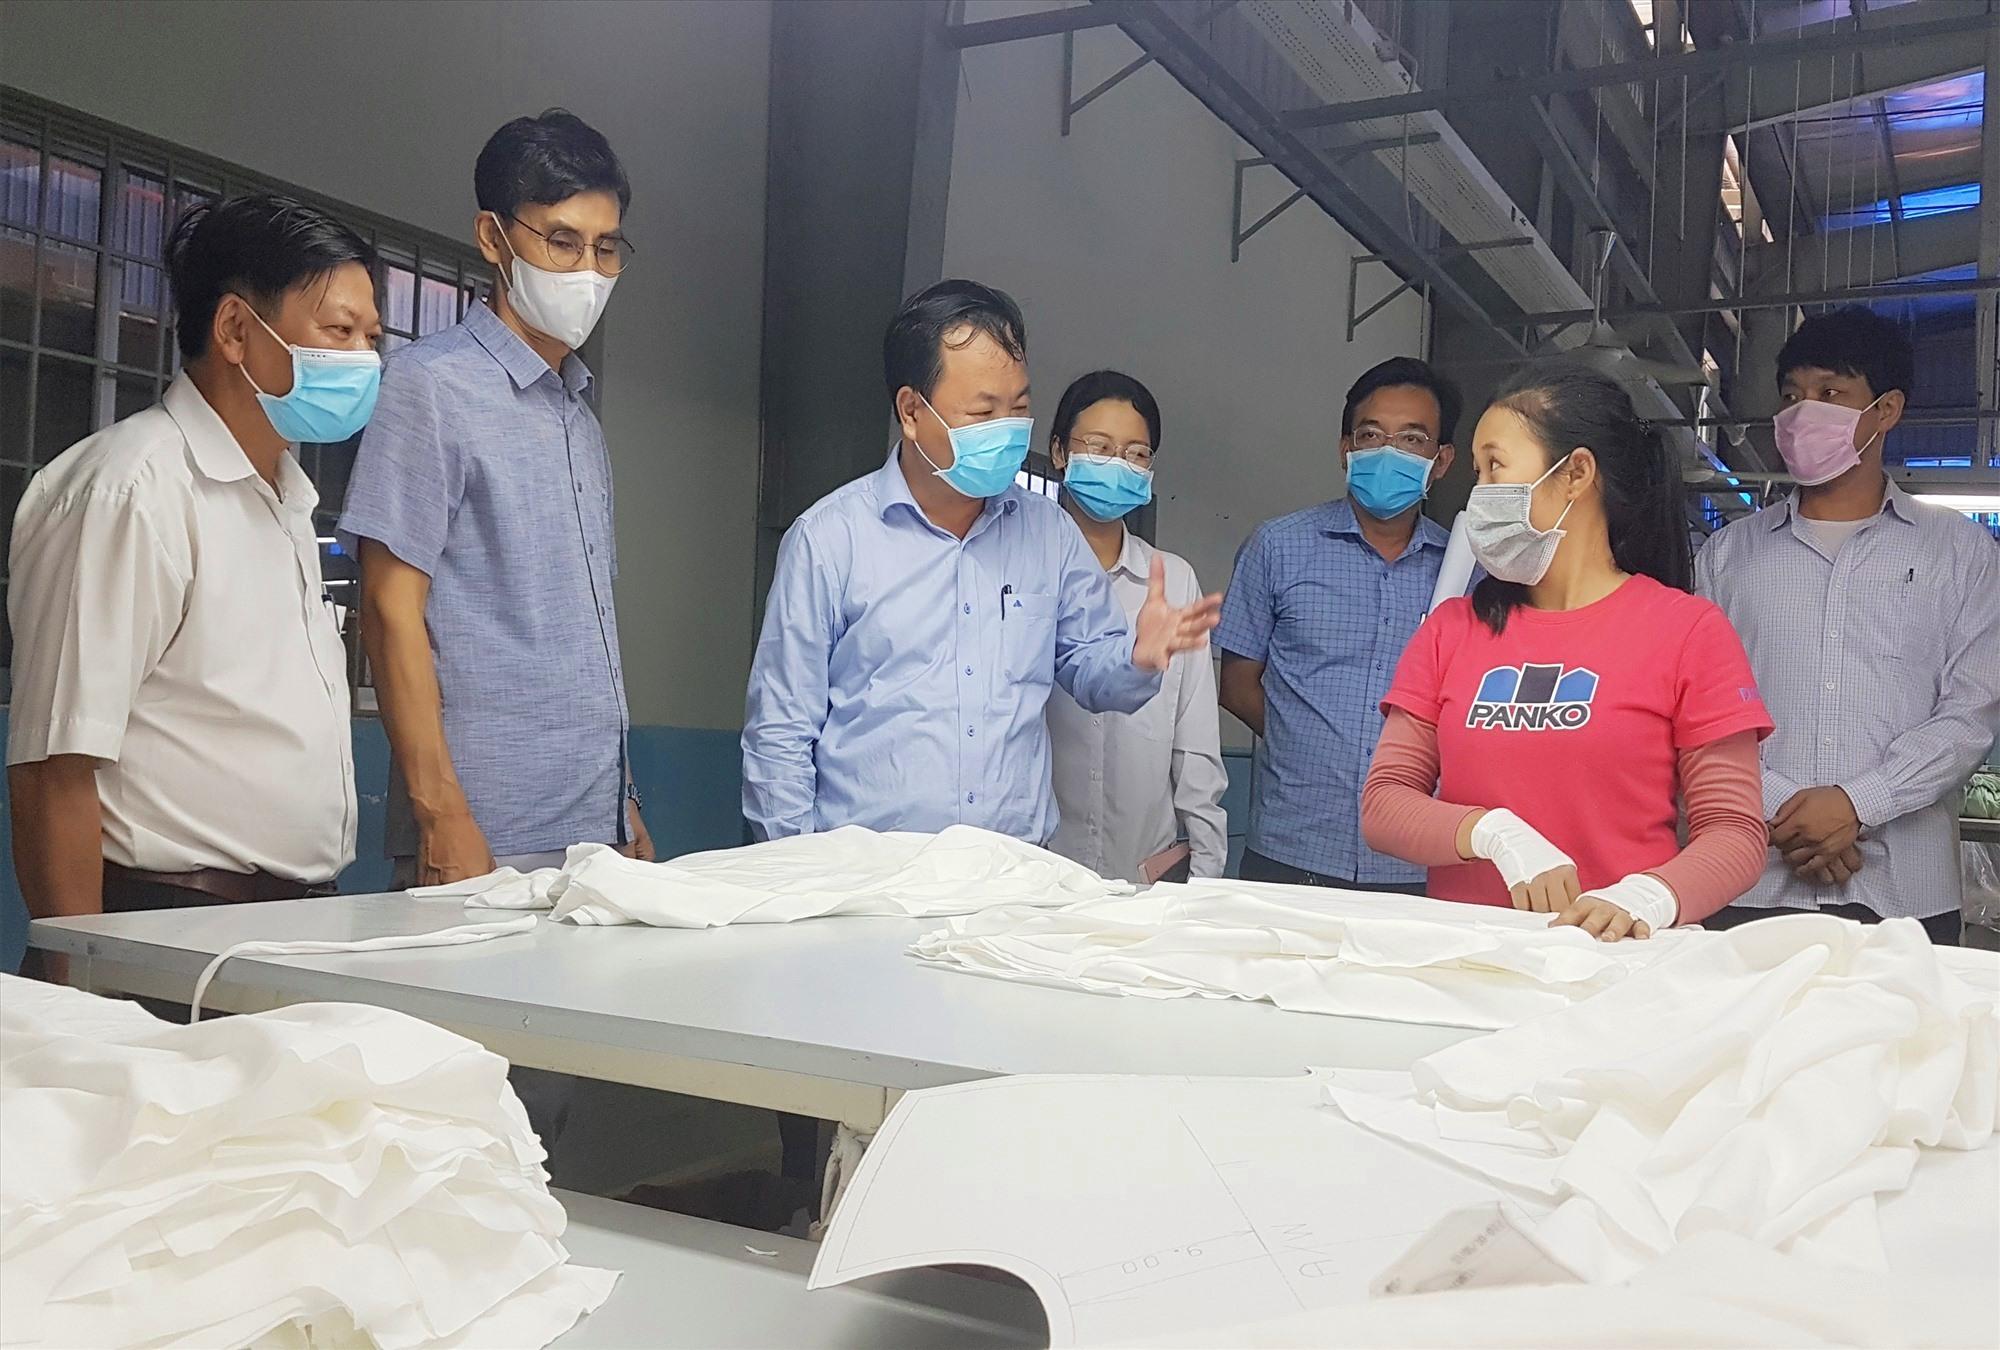 Phó Chủ tịch UBND tỉnh Nguyễn Hồng Quang yêu cầu các doanh nghiệp và người lao động phải thực hiện nghiêm quy định phòng chống dịch bệnh. Ảnh: D.L